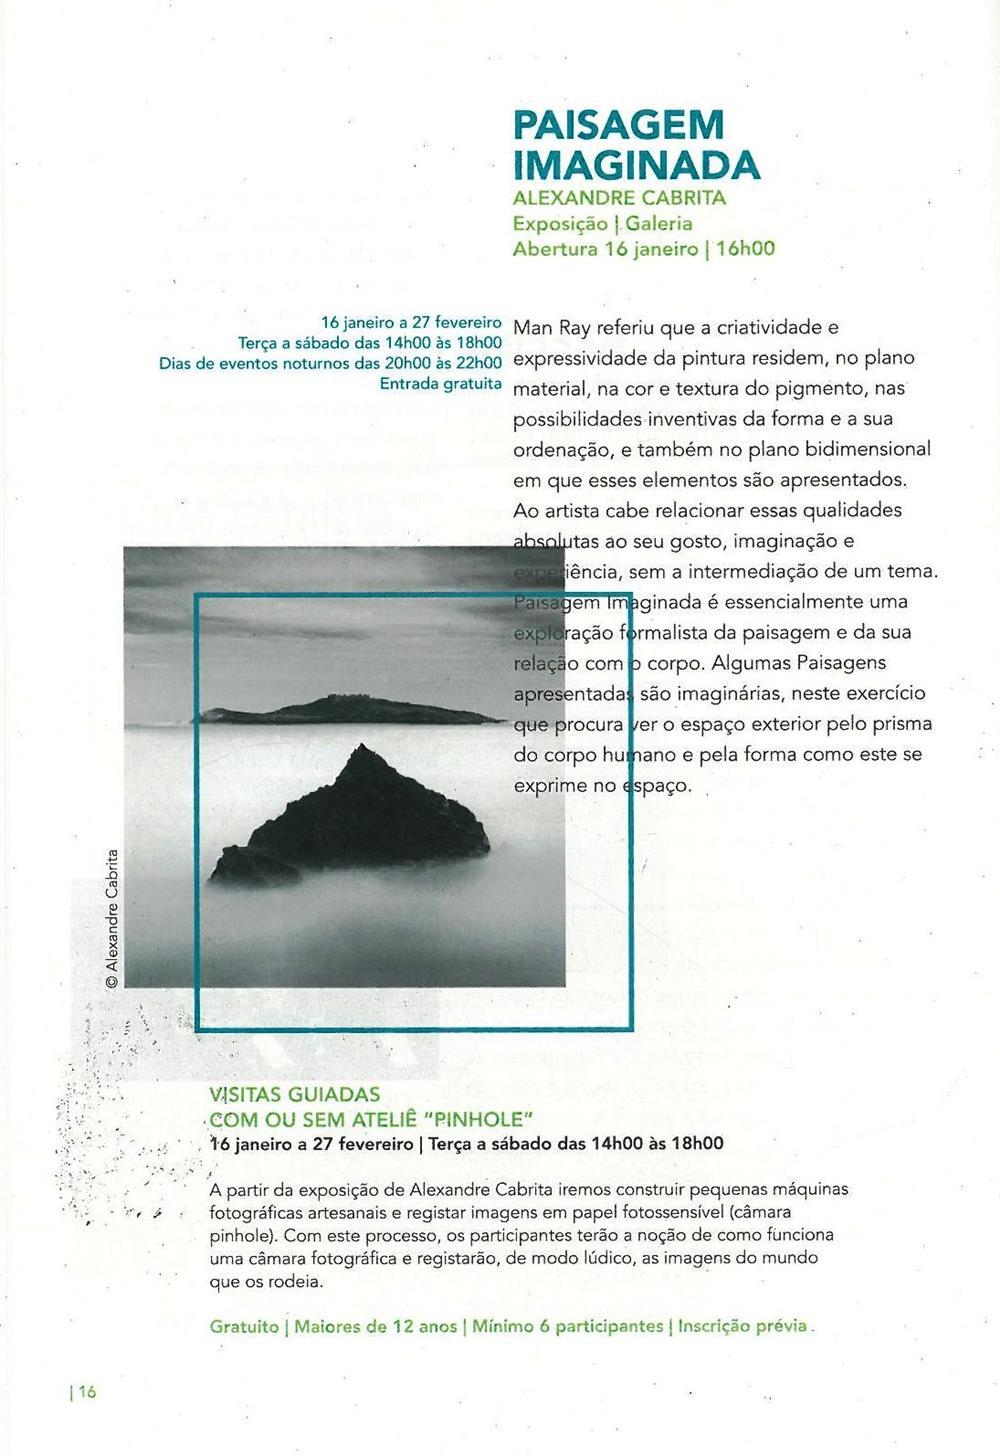 ACMSV-jan.,fev.,mar.'16-p.16-Paisagem imaginada : Alexandre Cabrita : visitas guiadas com ou sem ateliê Pinhole.jpg